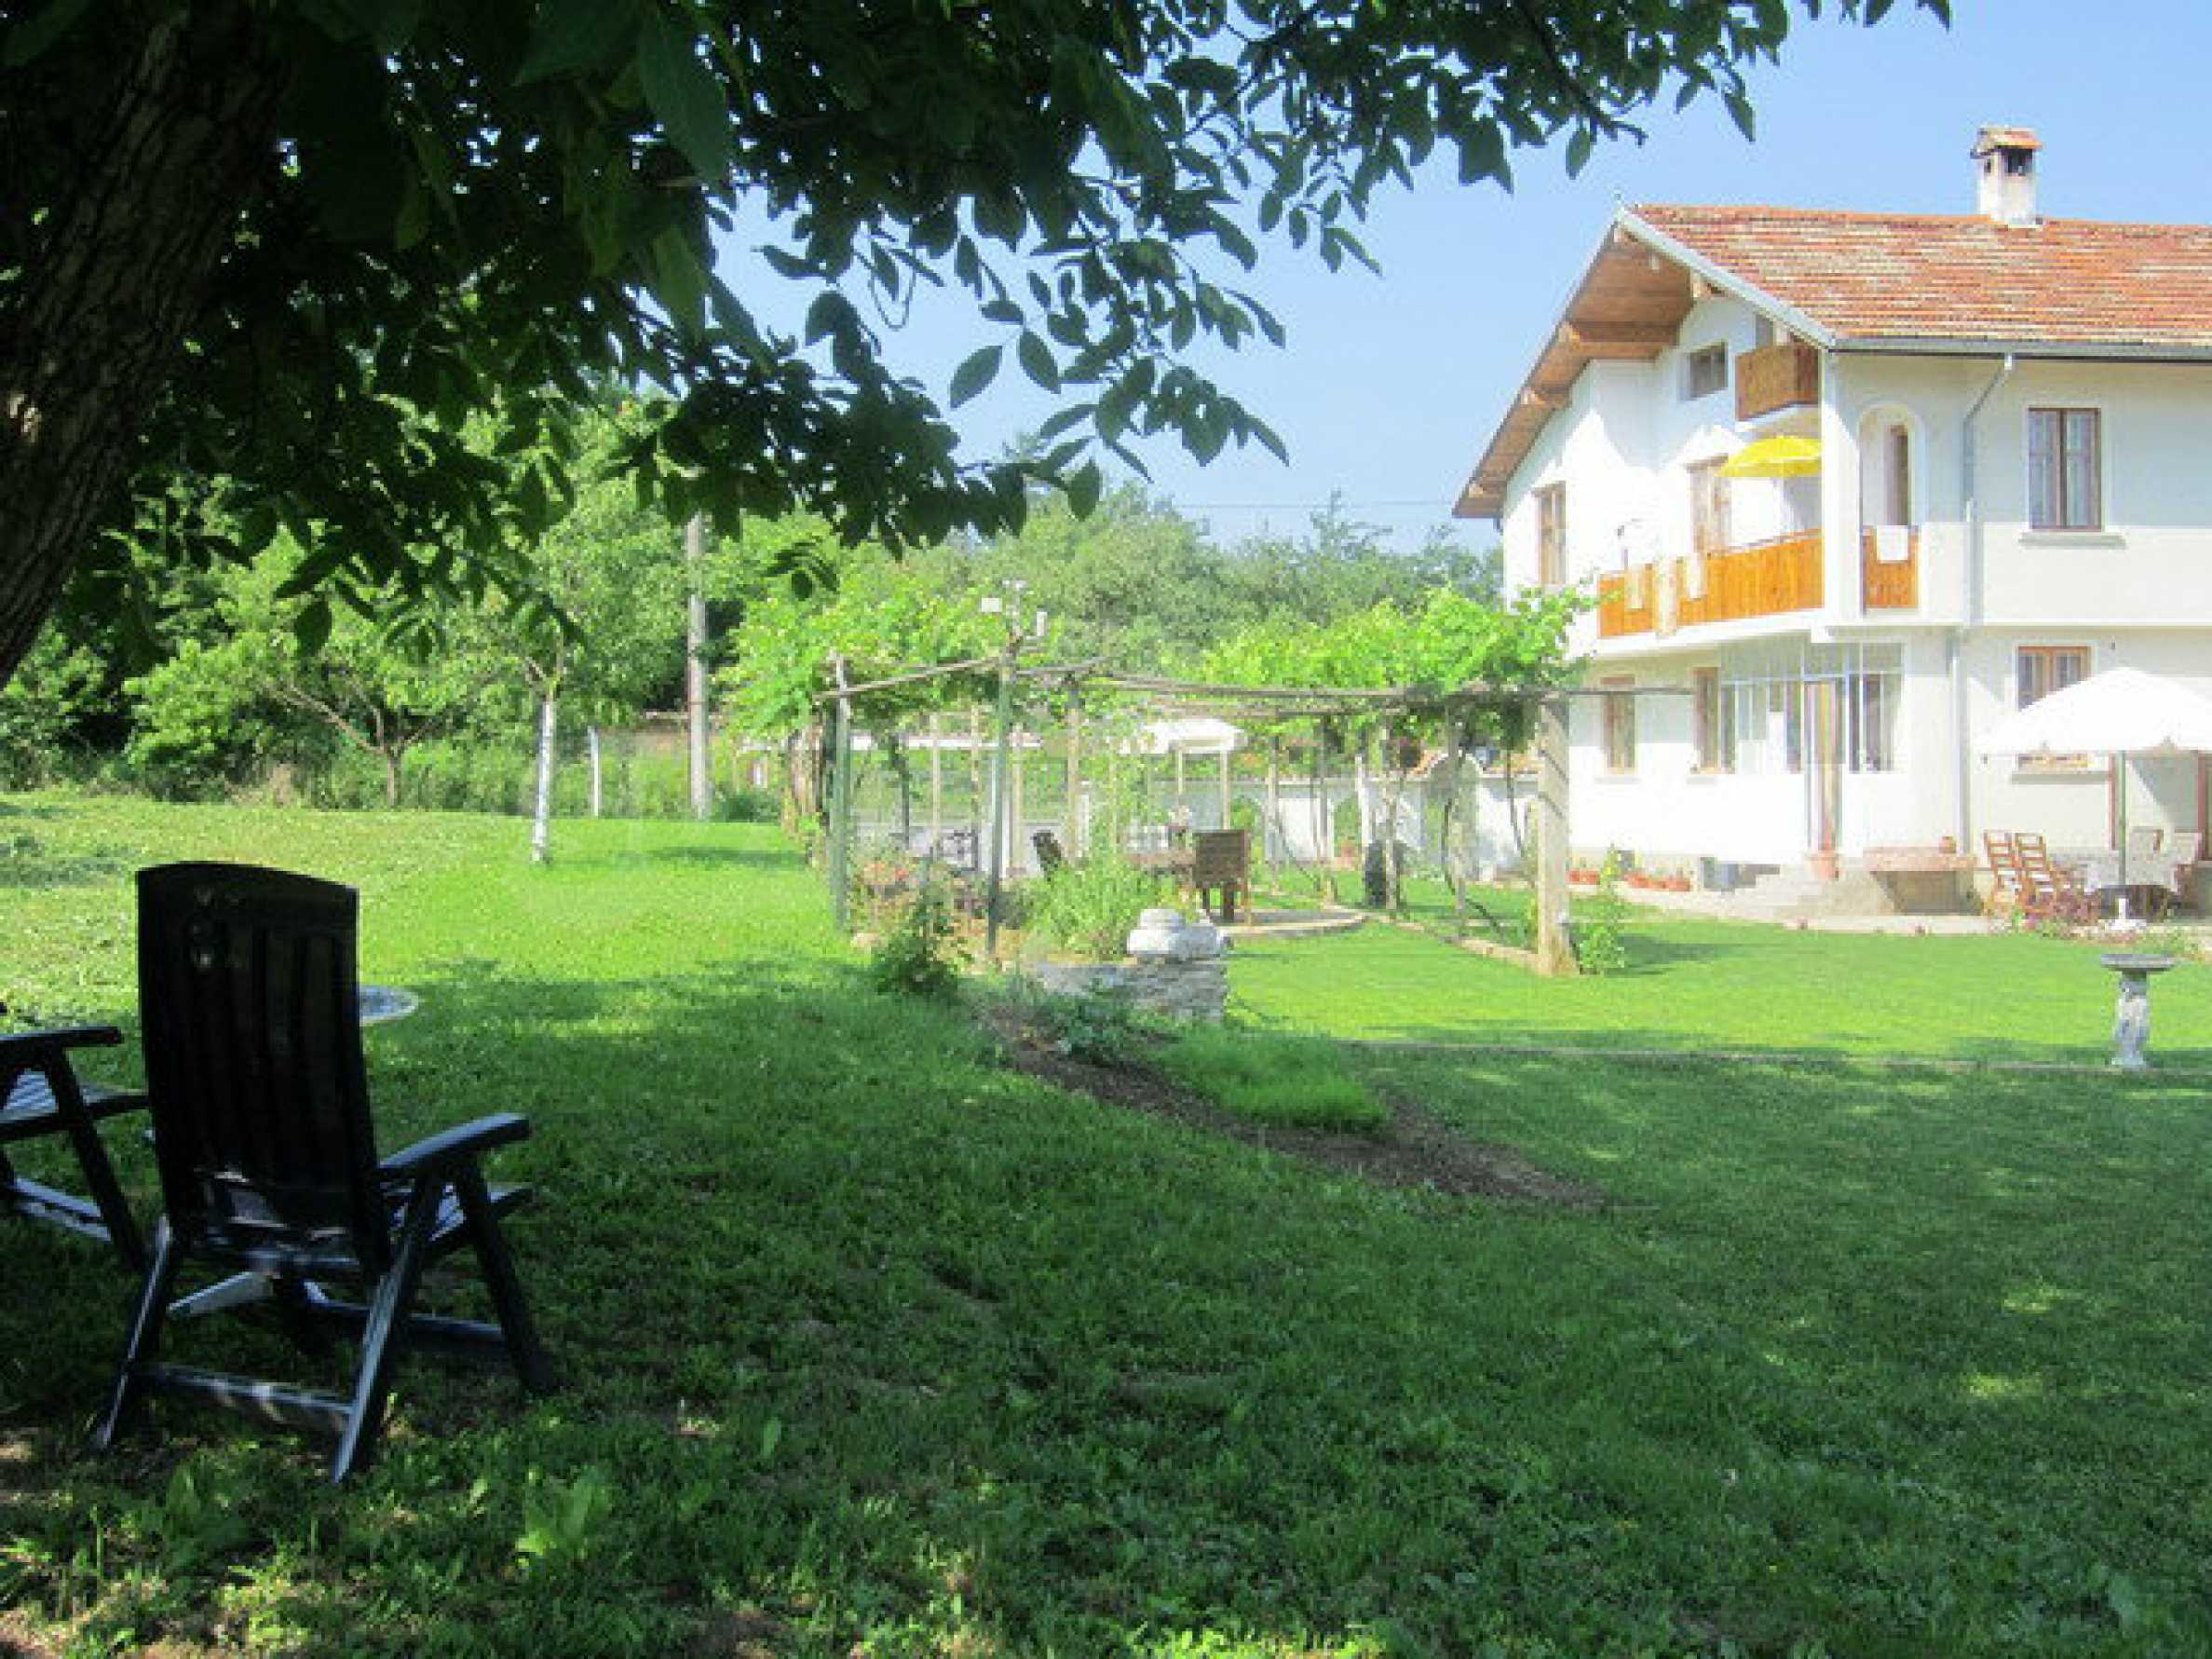 Geräumiges ländliches Anwesen mit einem Garten 20 km. von Veliko Tarnovo 5